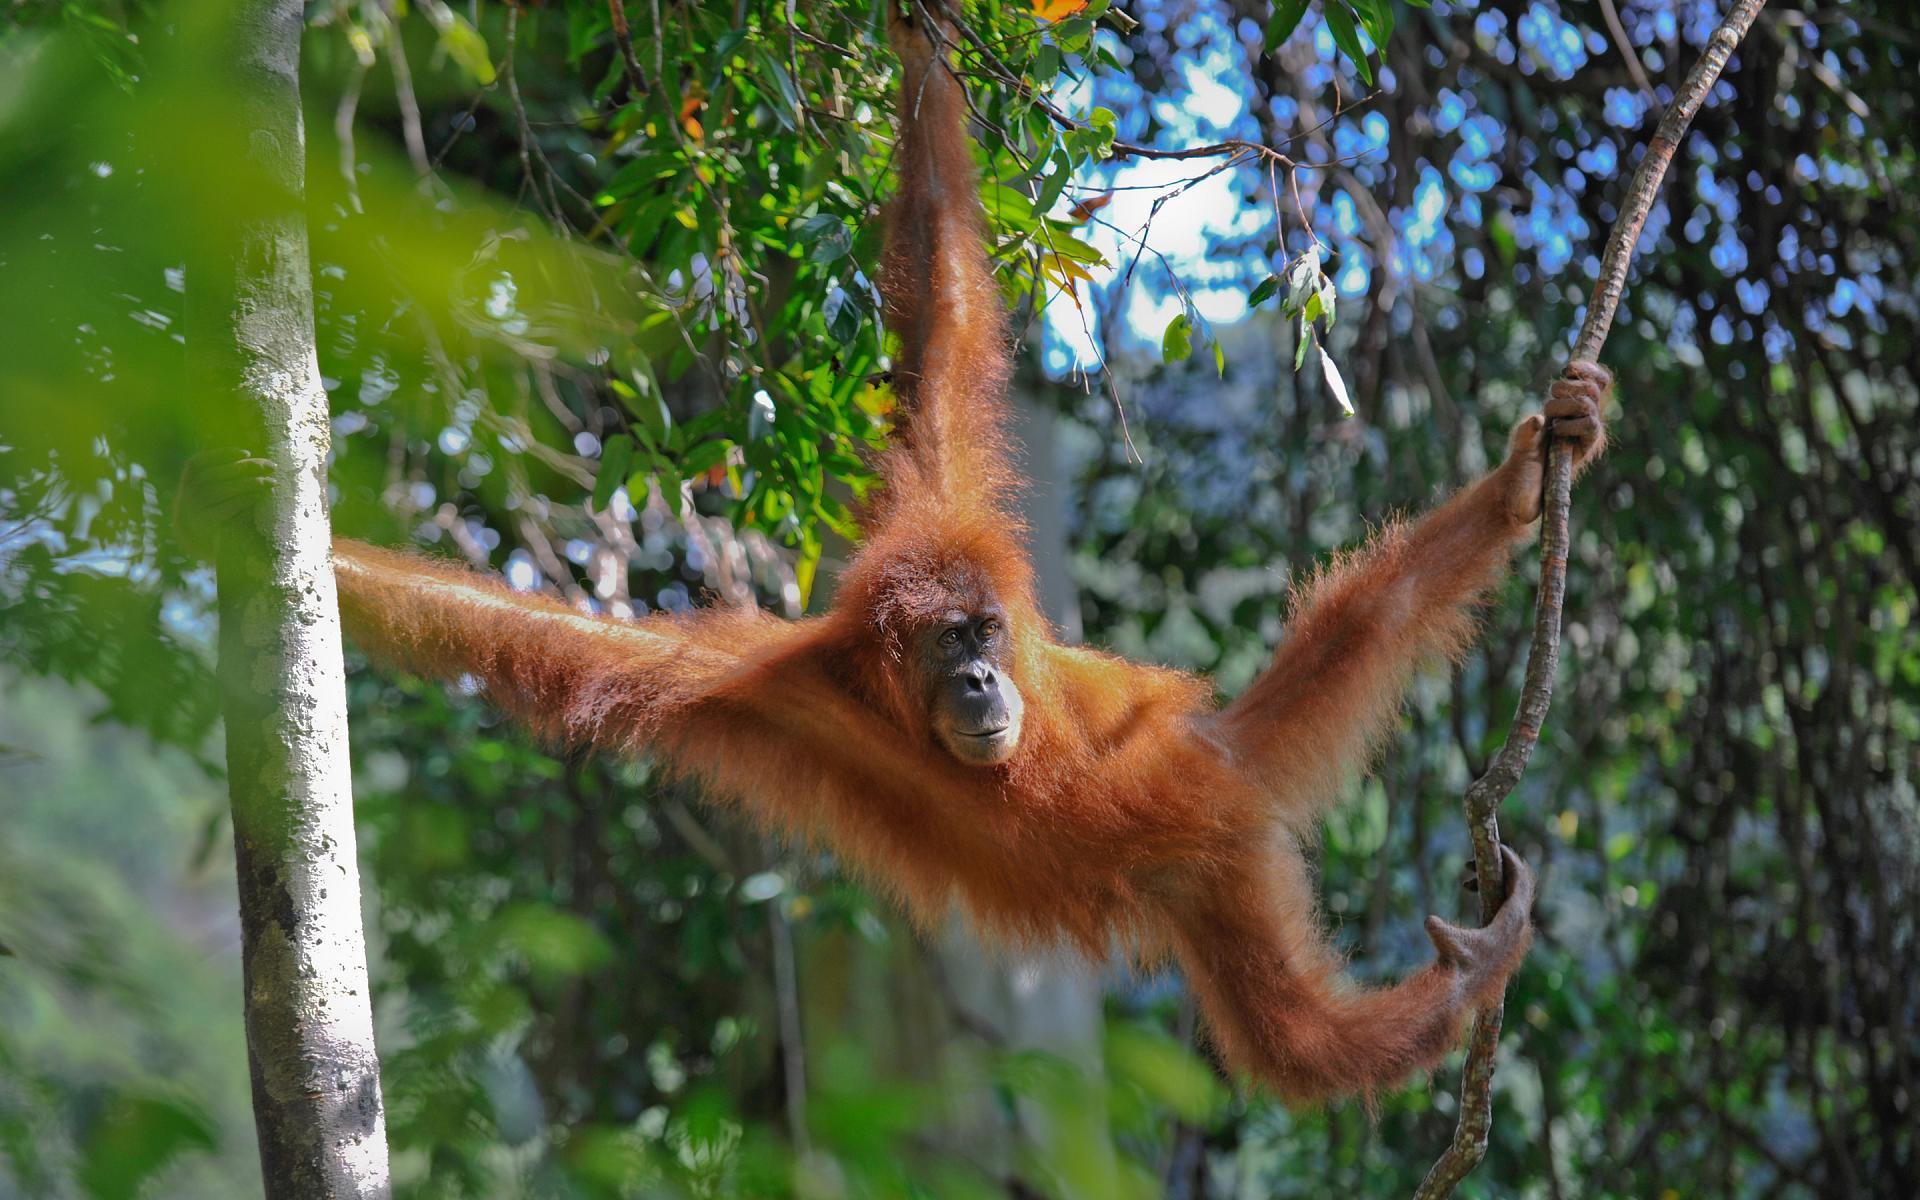 обезьянки в джунглях картинка игорь